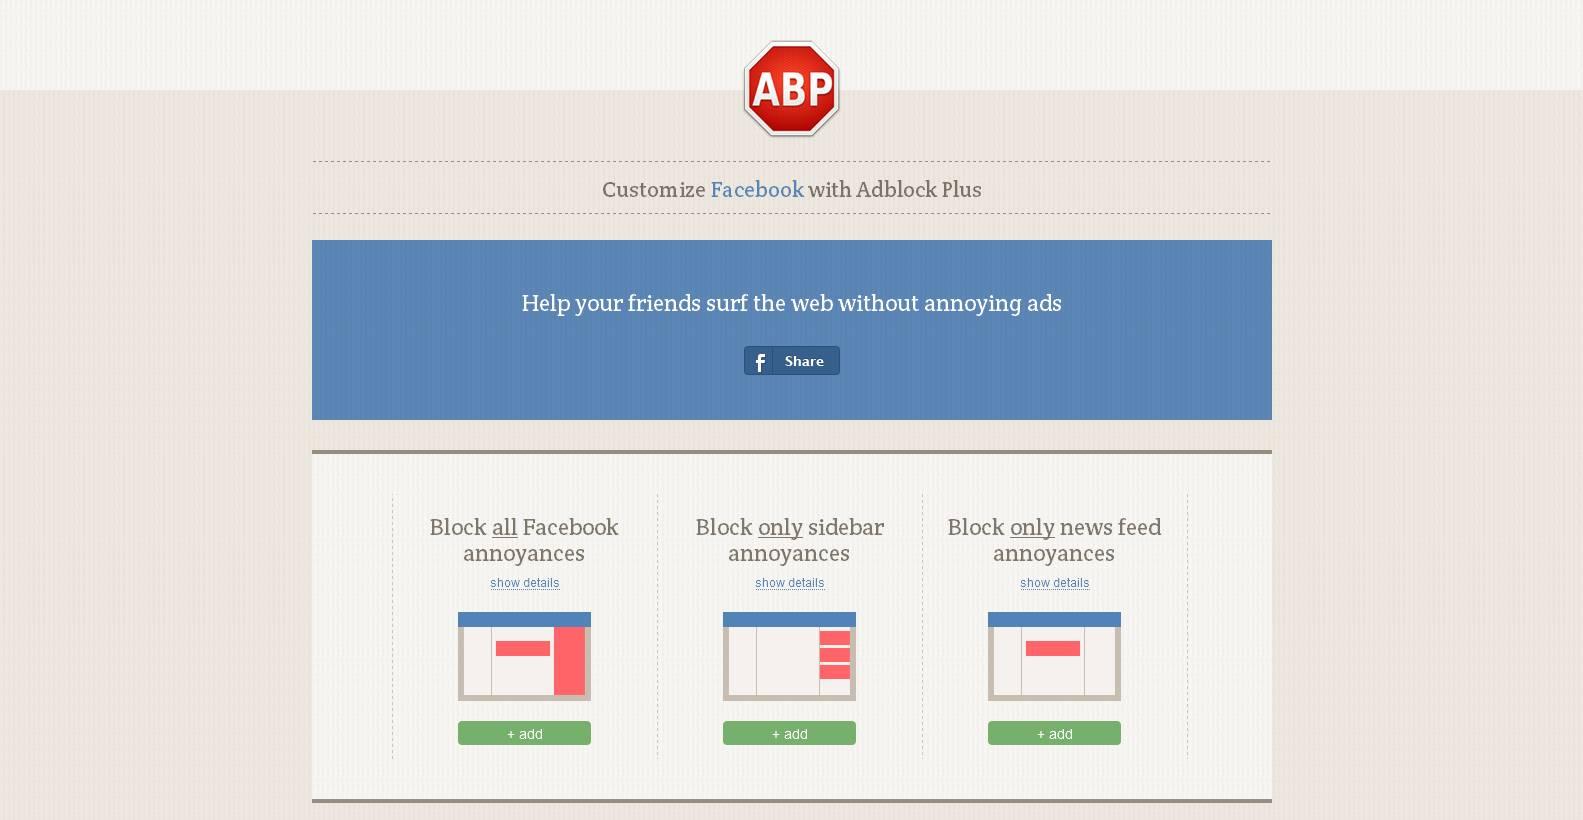 #1231 - 'Customize Facebook with Adblock Plus' - facebook_adblockplus_me_en